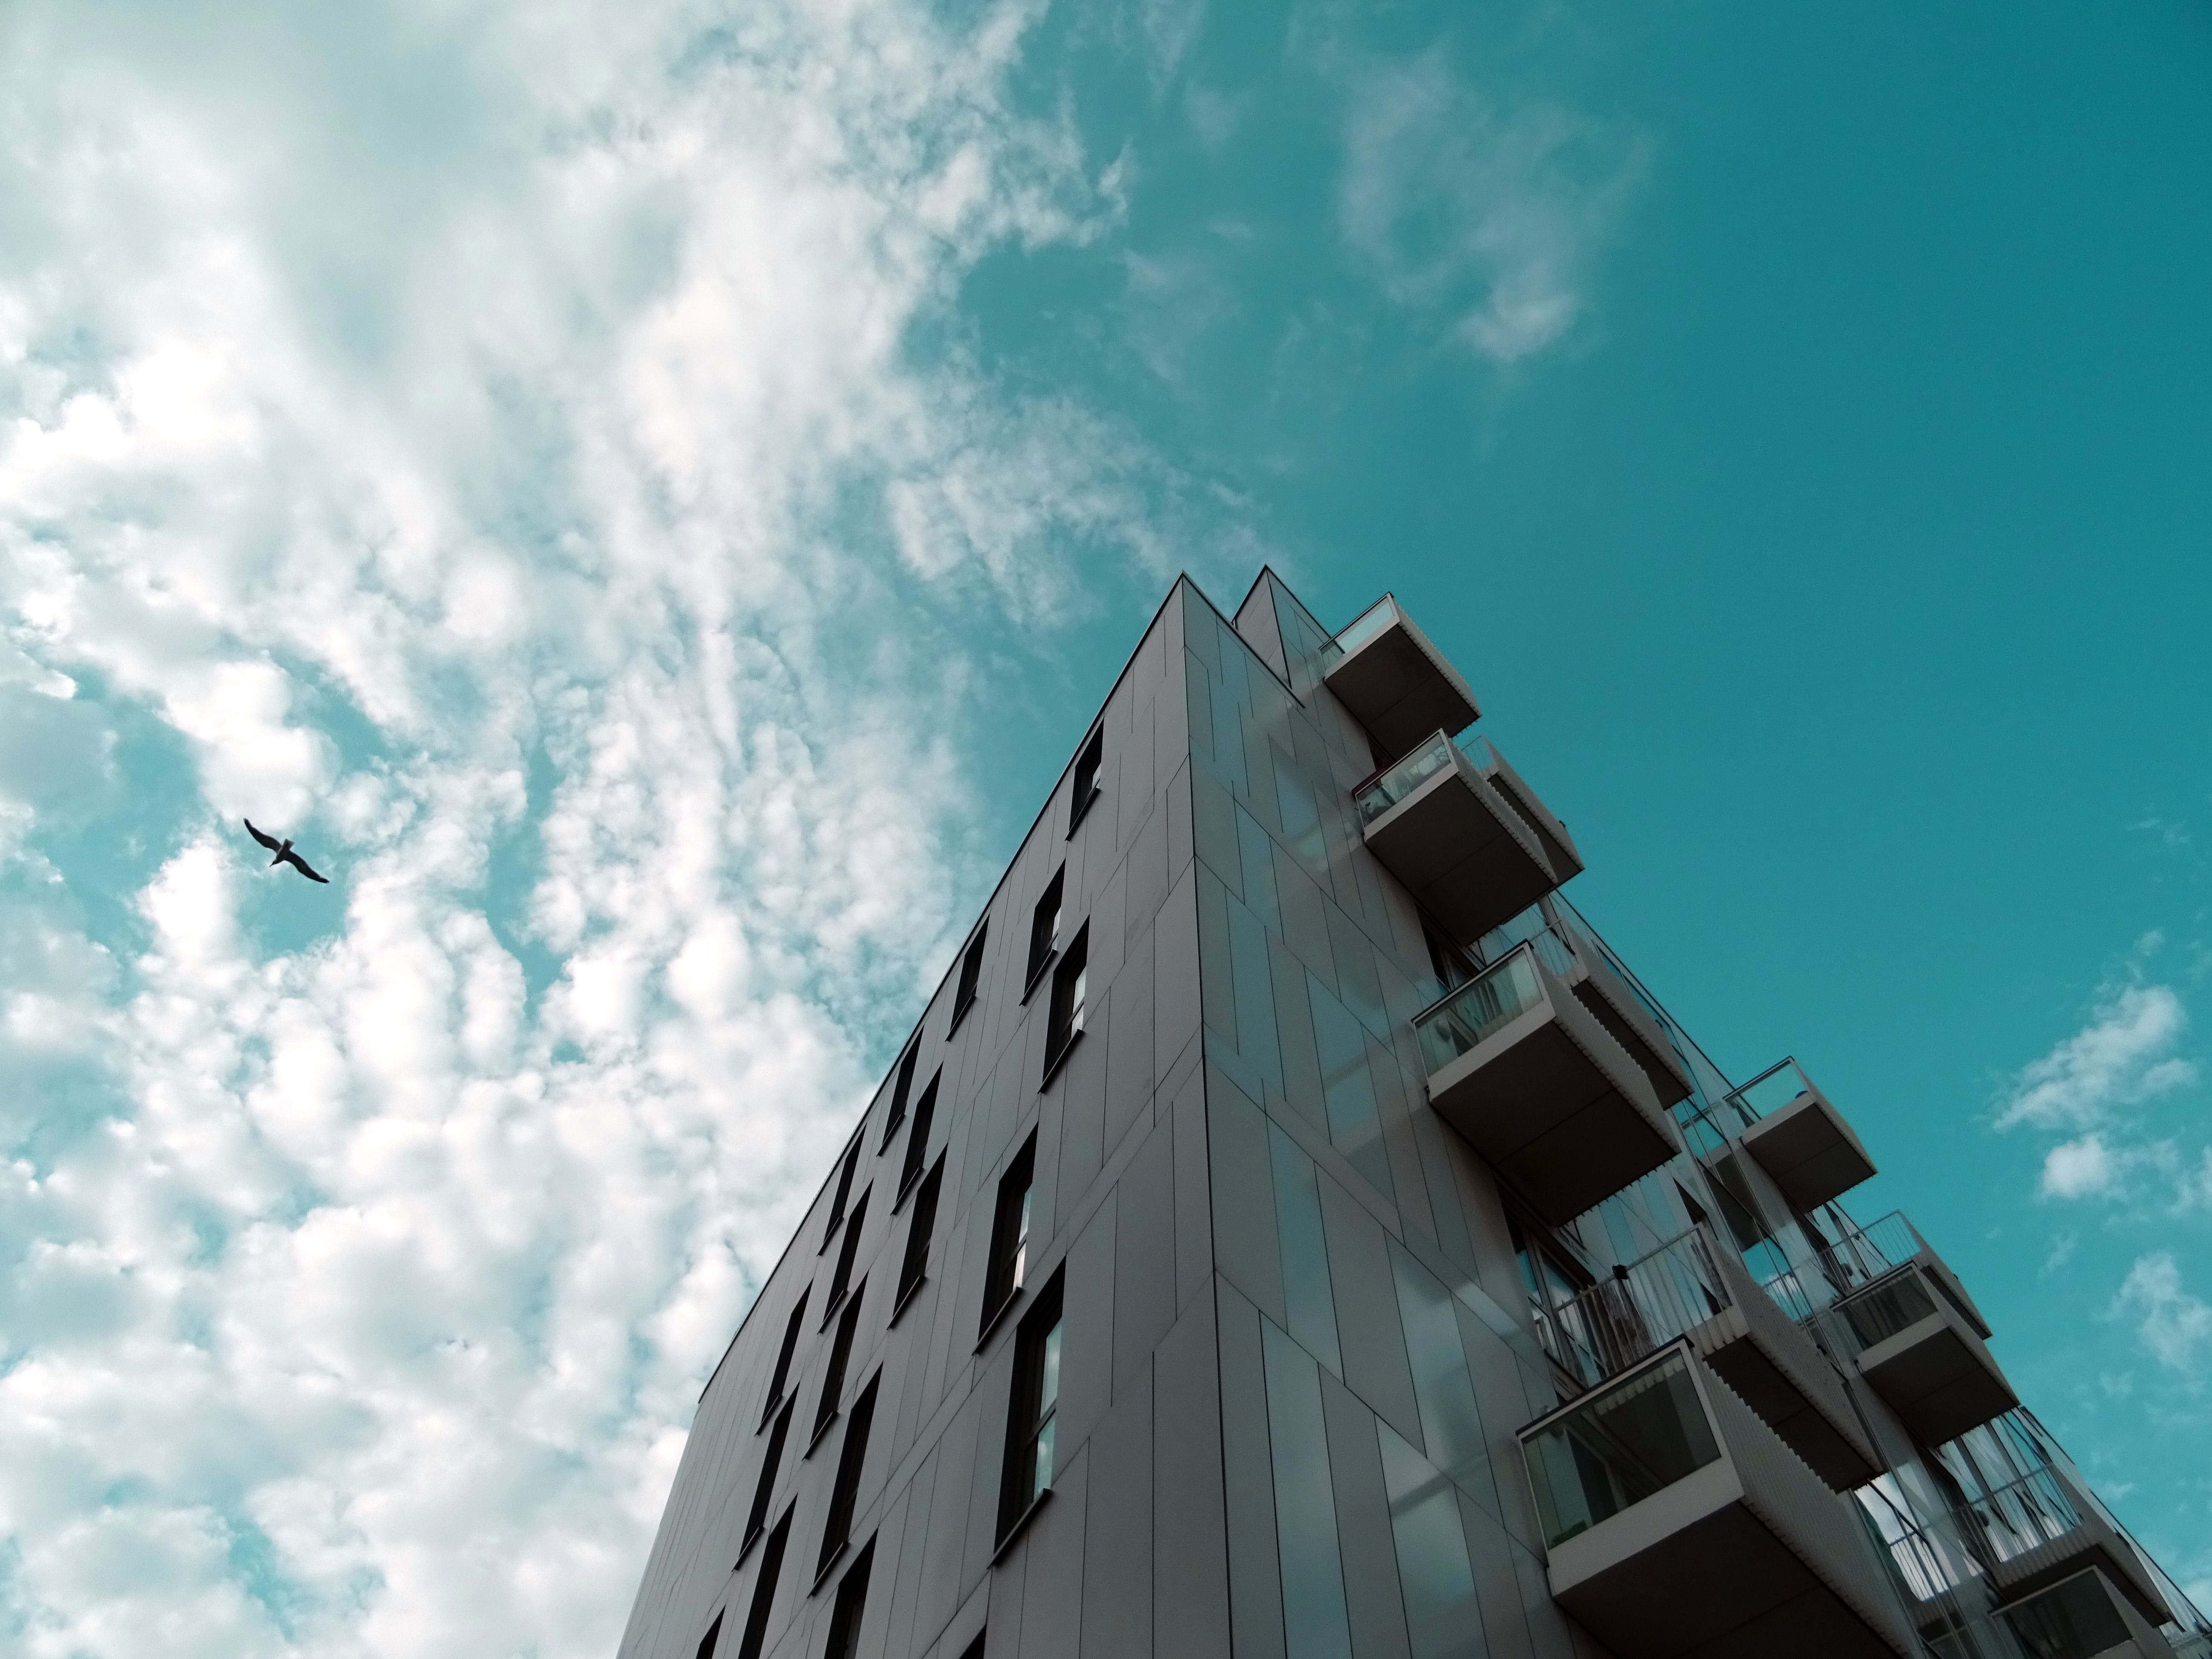 bakış açısı, balkonlar, bina, çok katlı içeren Ücretsiz stok fotoğraf